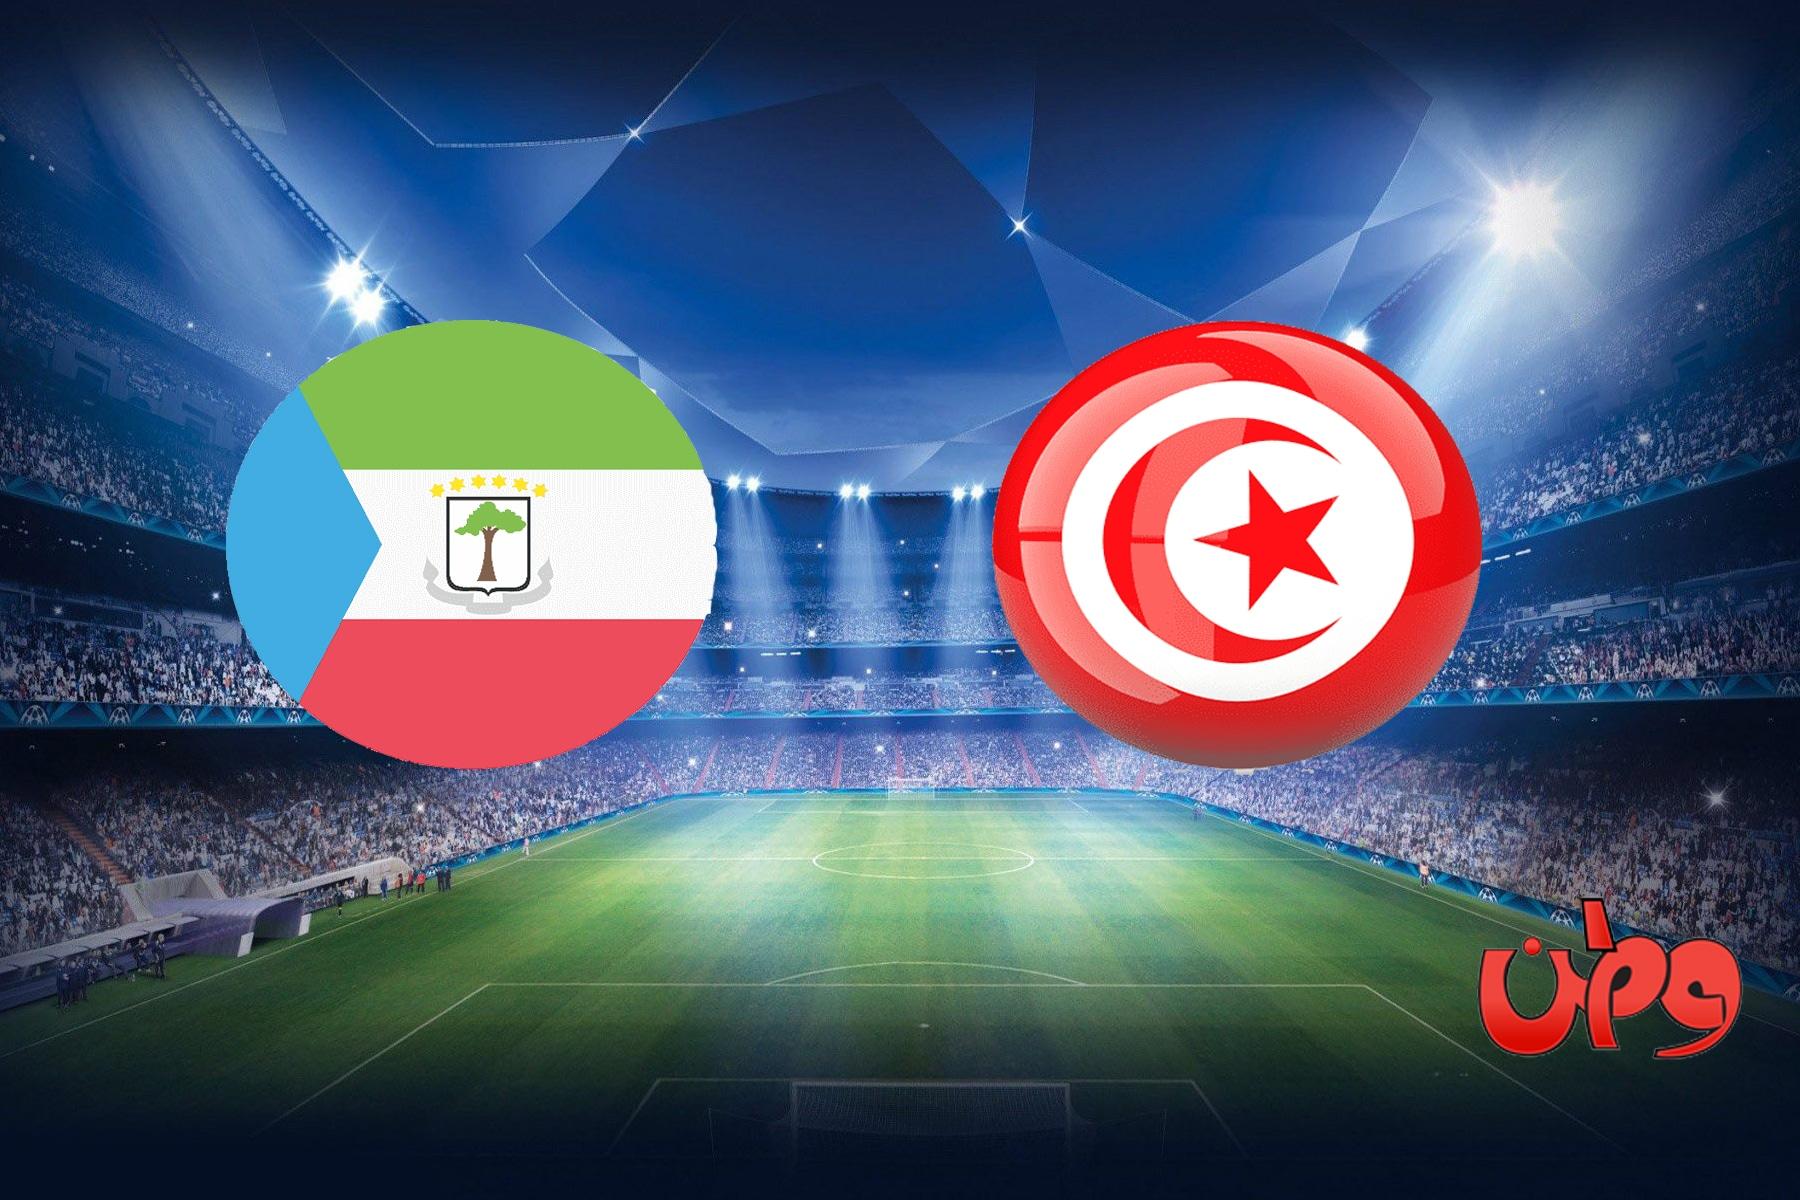 موعد مباراة منتخب تونس وغينيا الاستوائية في تصفيات أفريقيا لمونديال كأس العالم 2022